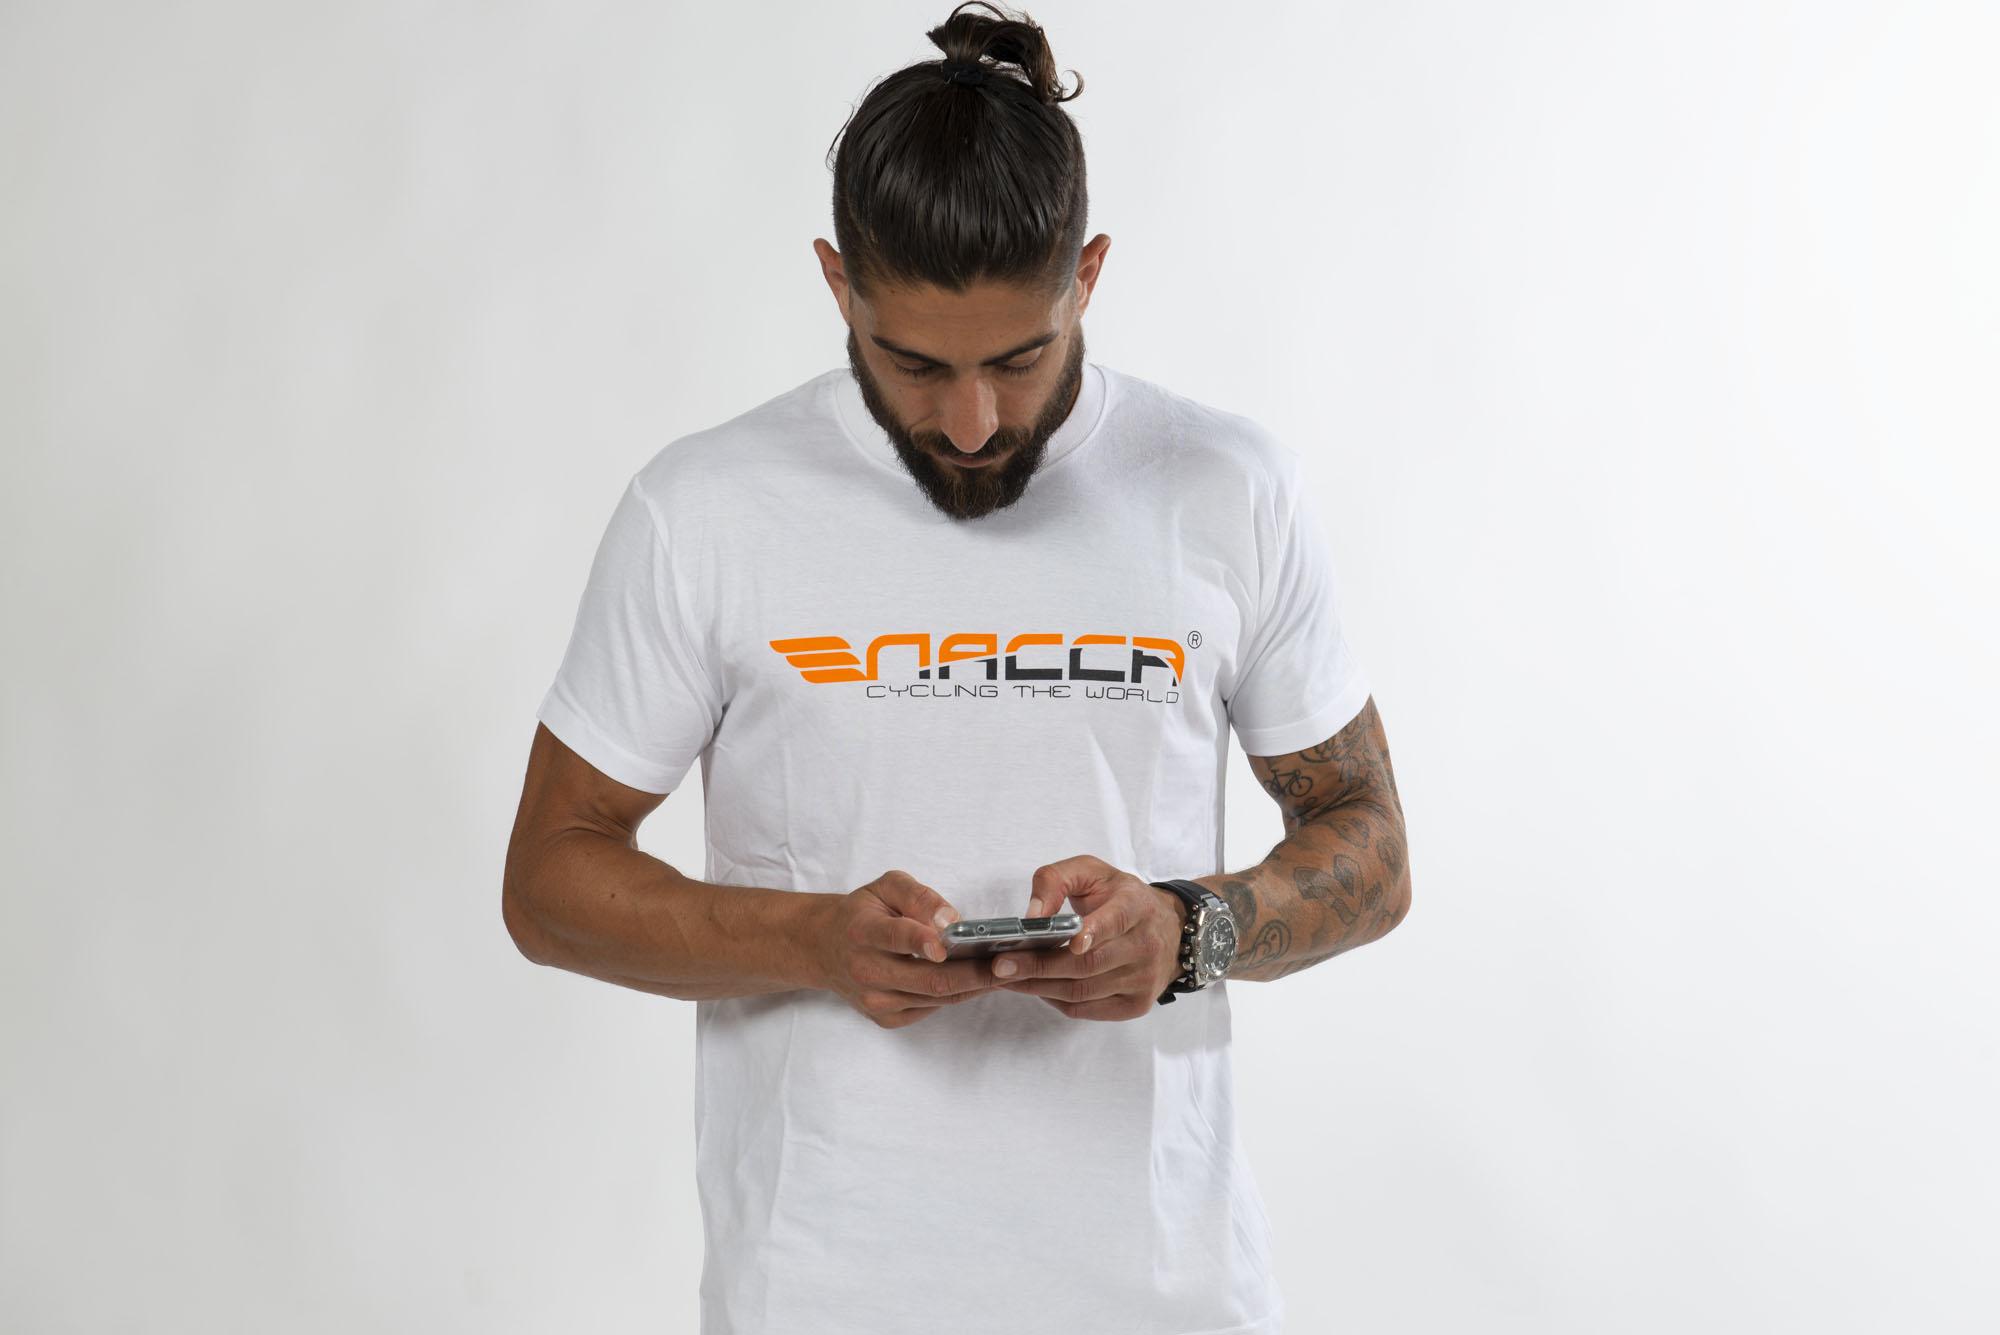 camiseta unisex sport nacca